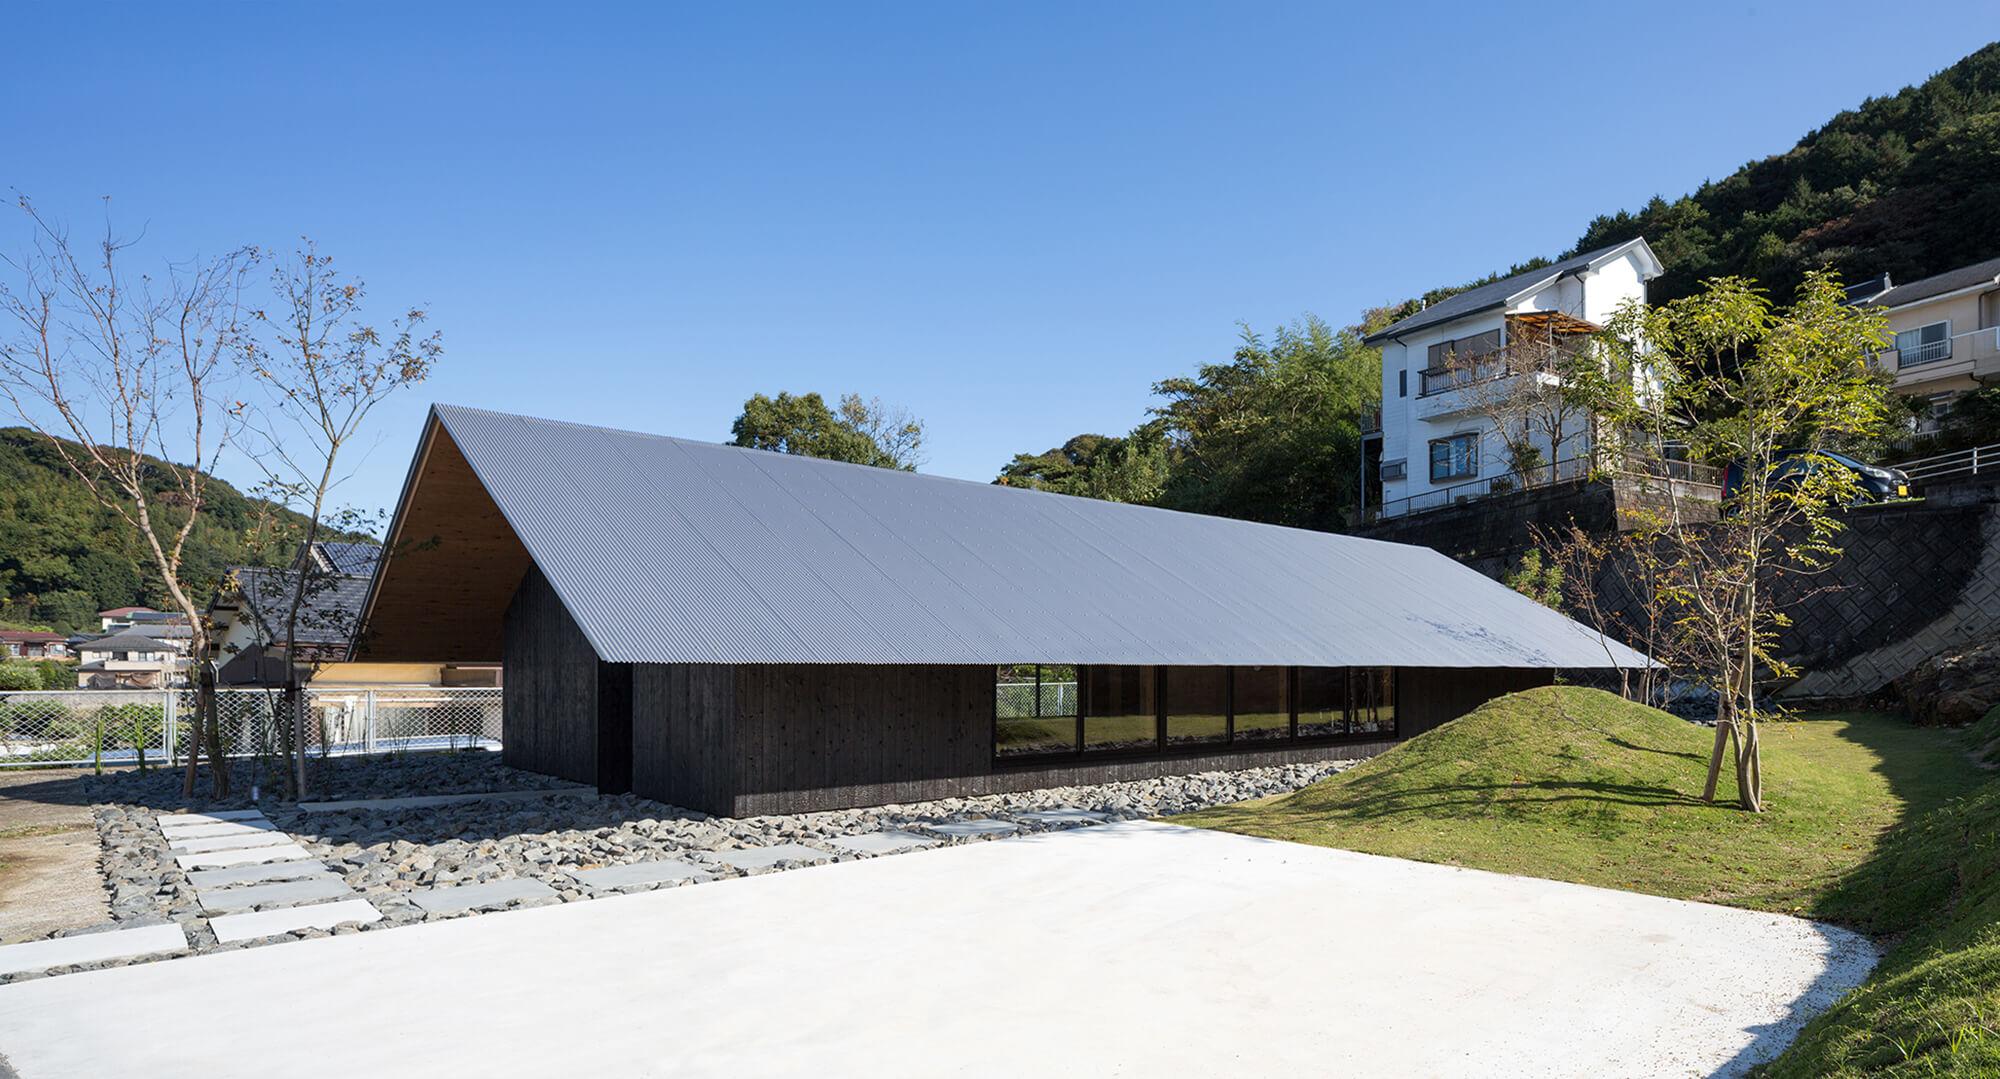 『大屋根の棲家』-長崎県佐世保市-建築写真・竣工写真・インテリア写真2